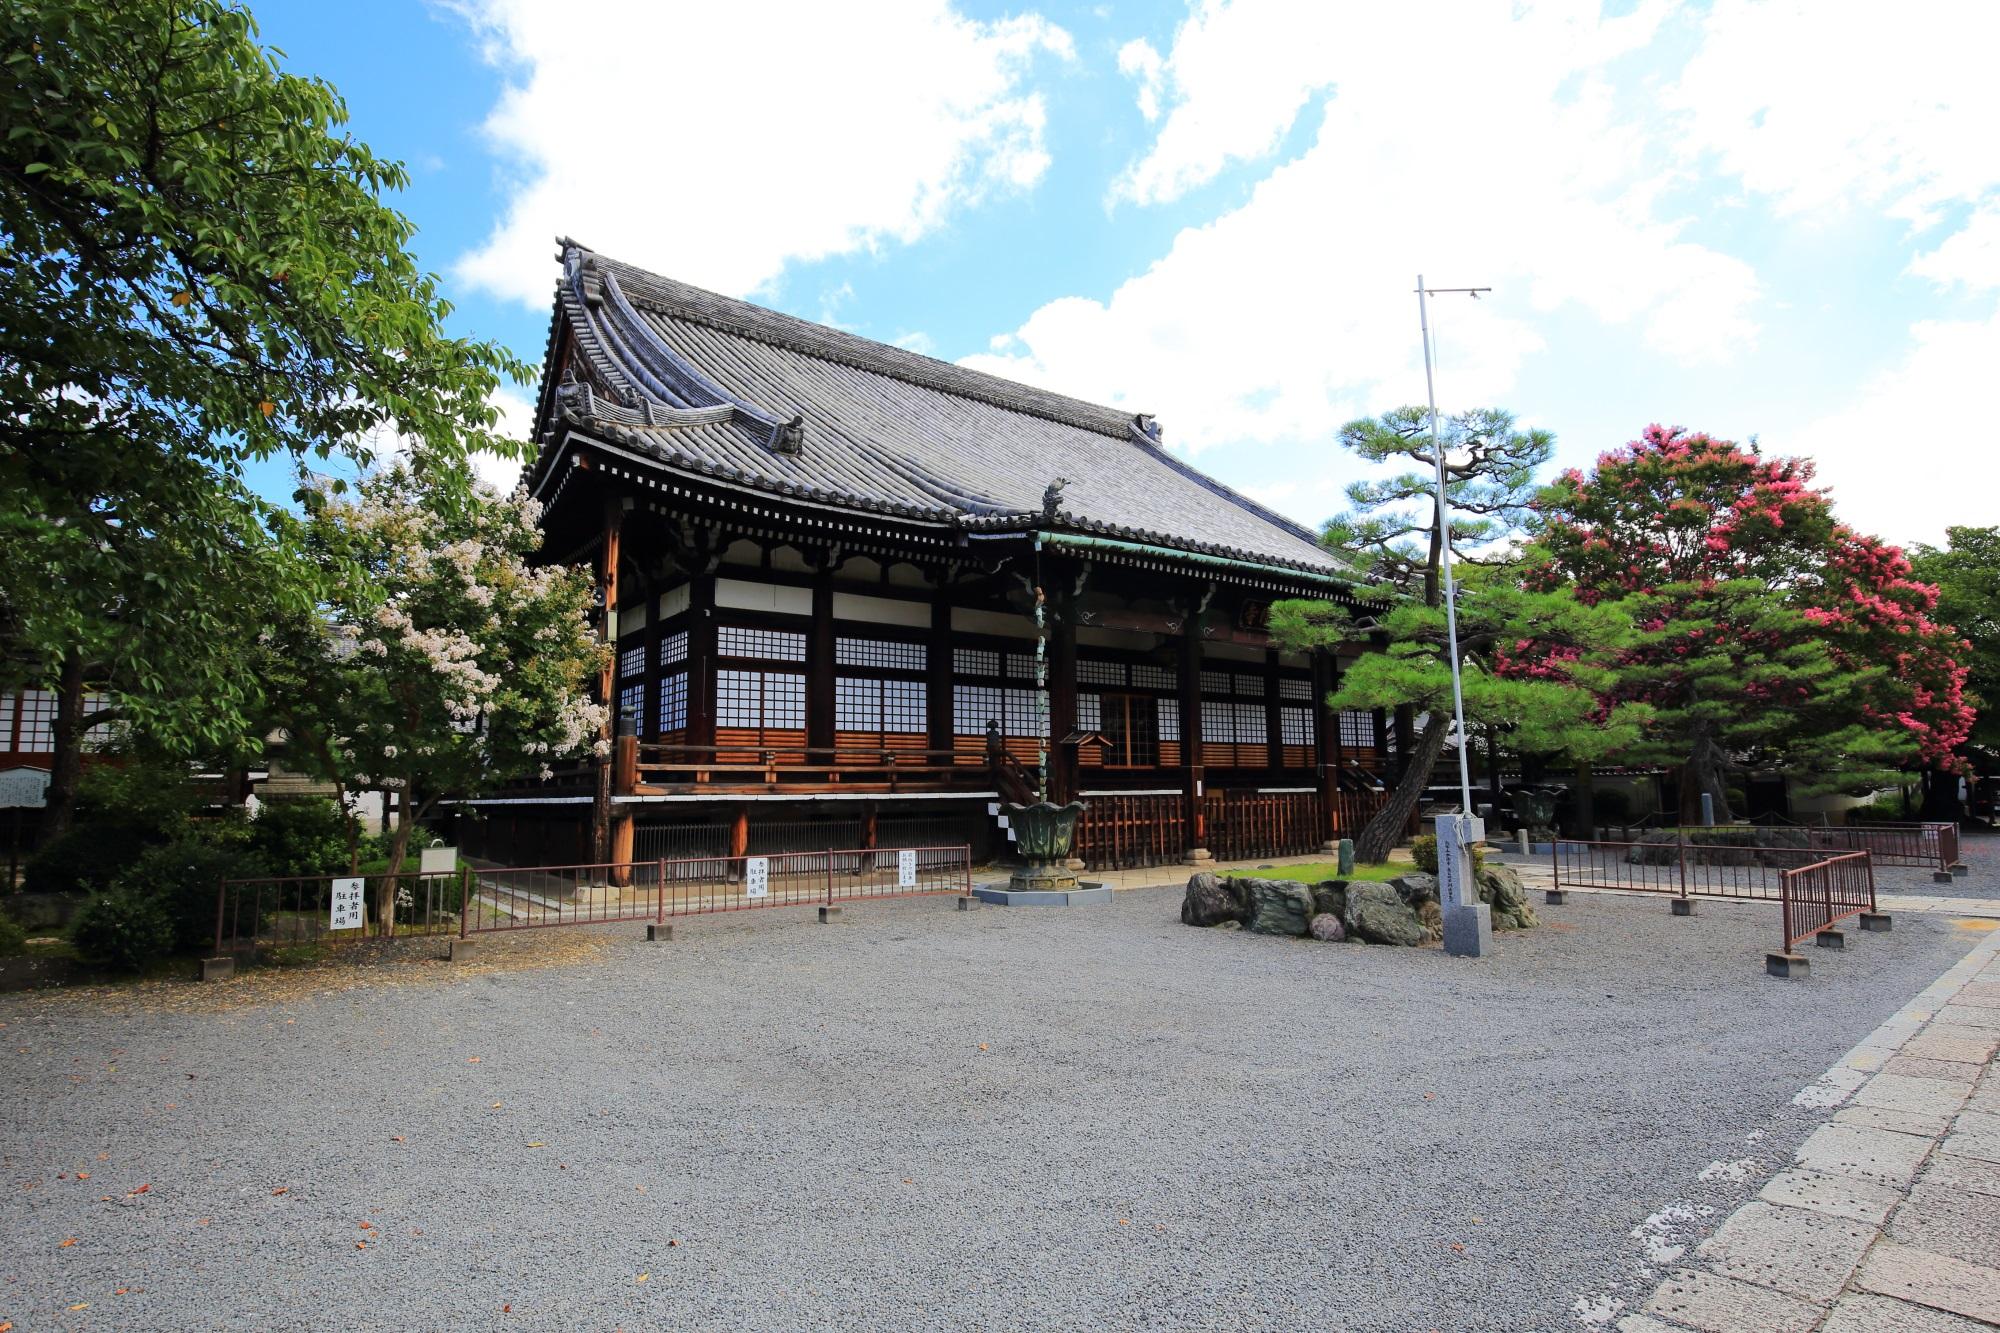 本隆寺の本堂前の紅白の百日紅